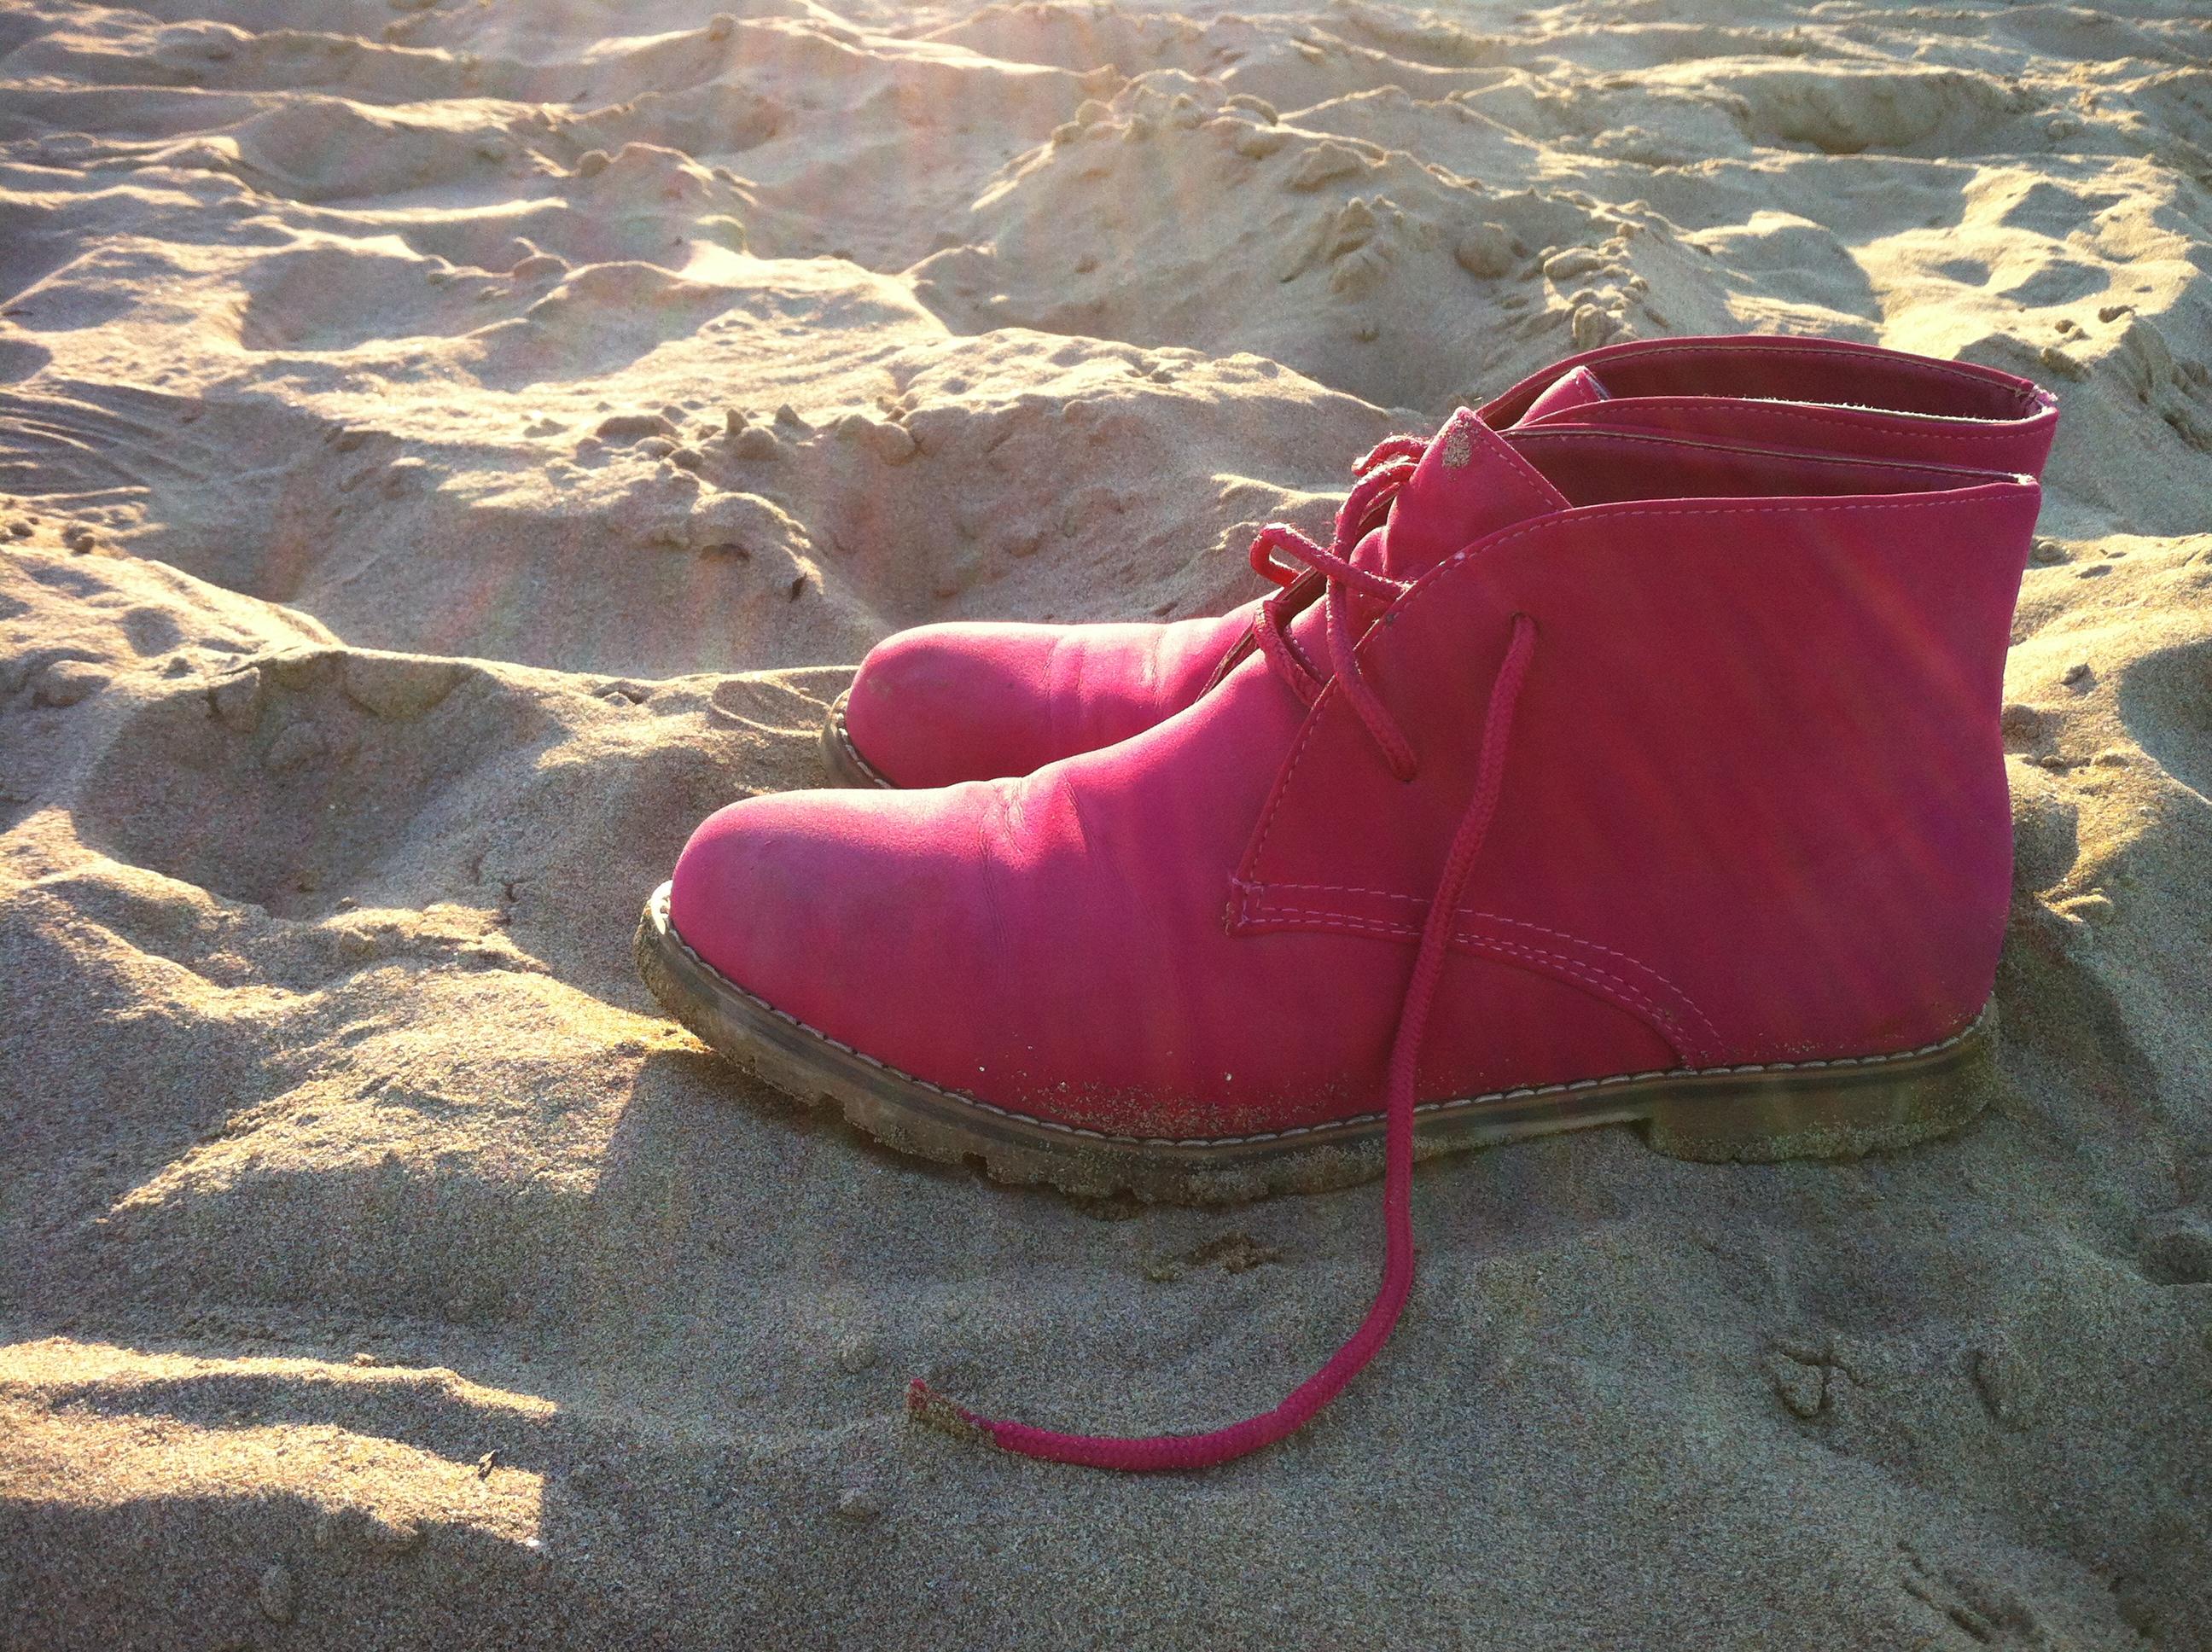 scarpe al sole nella spiaggia